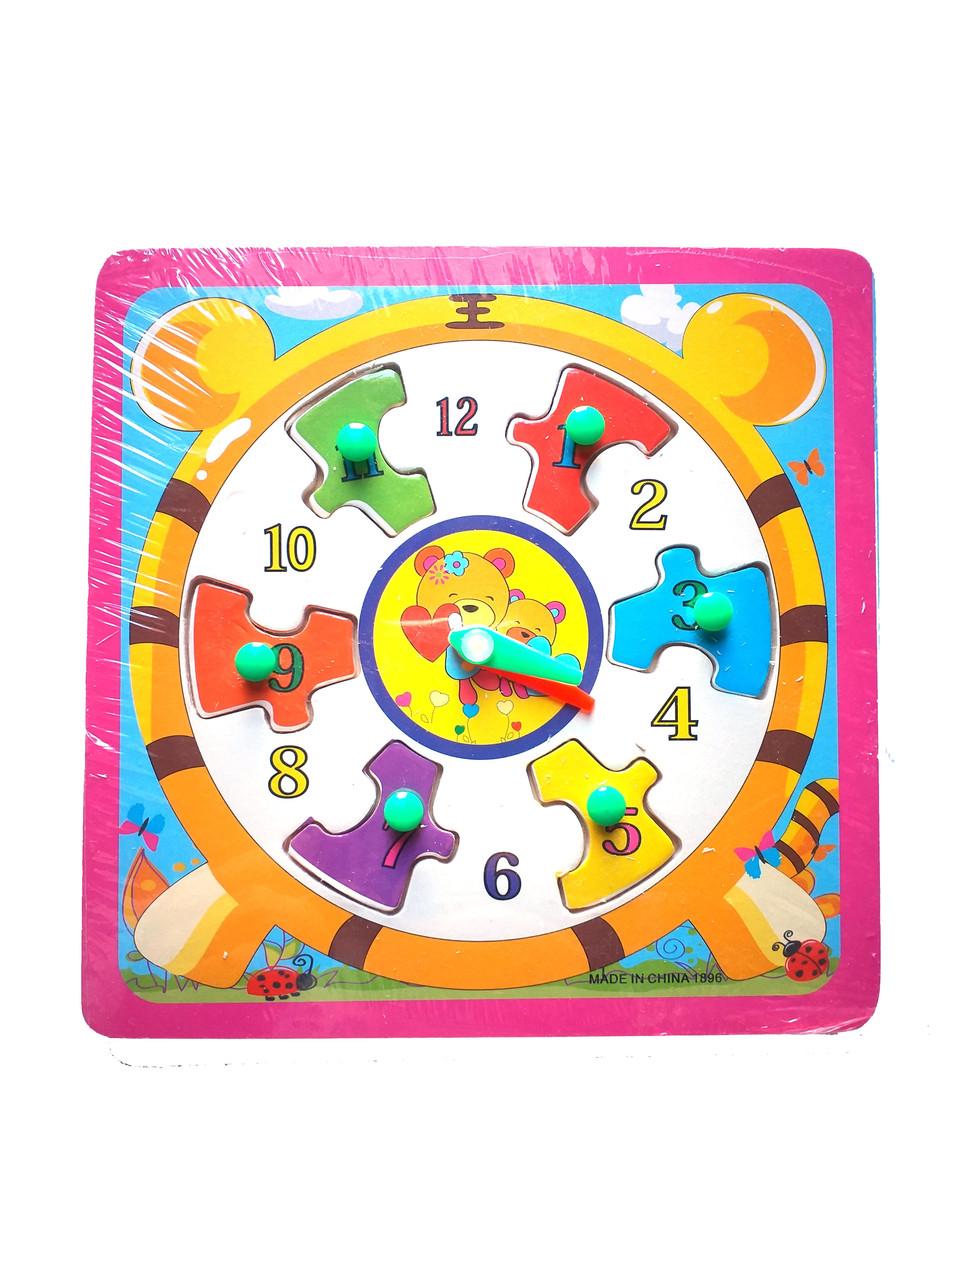 Деревянная игрушка Часы рамка-вкладыш с ручкой, 6 видов, в кульке 0959